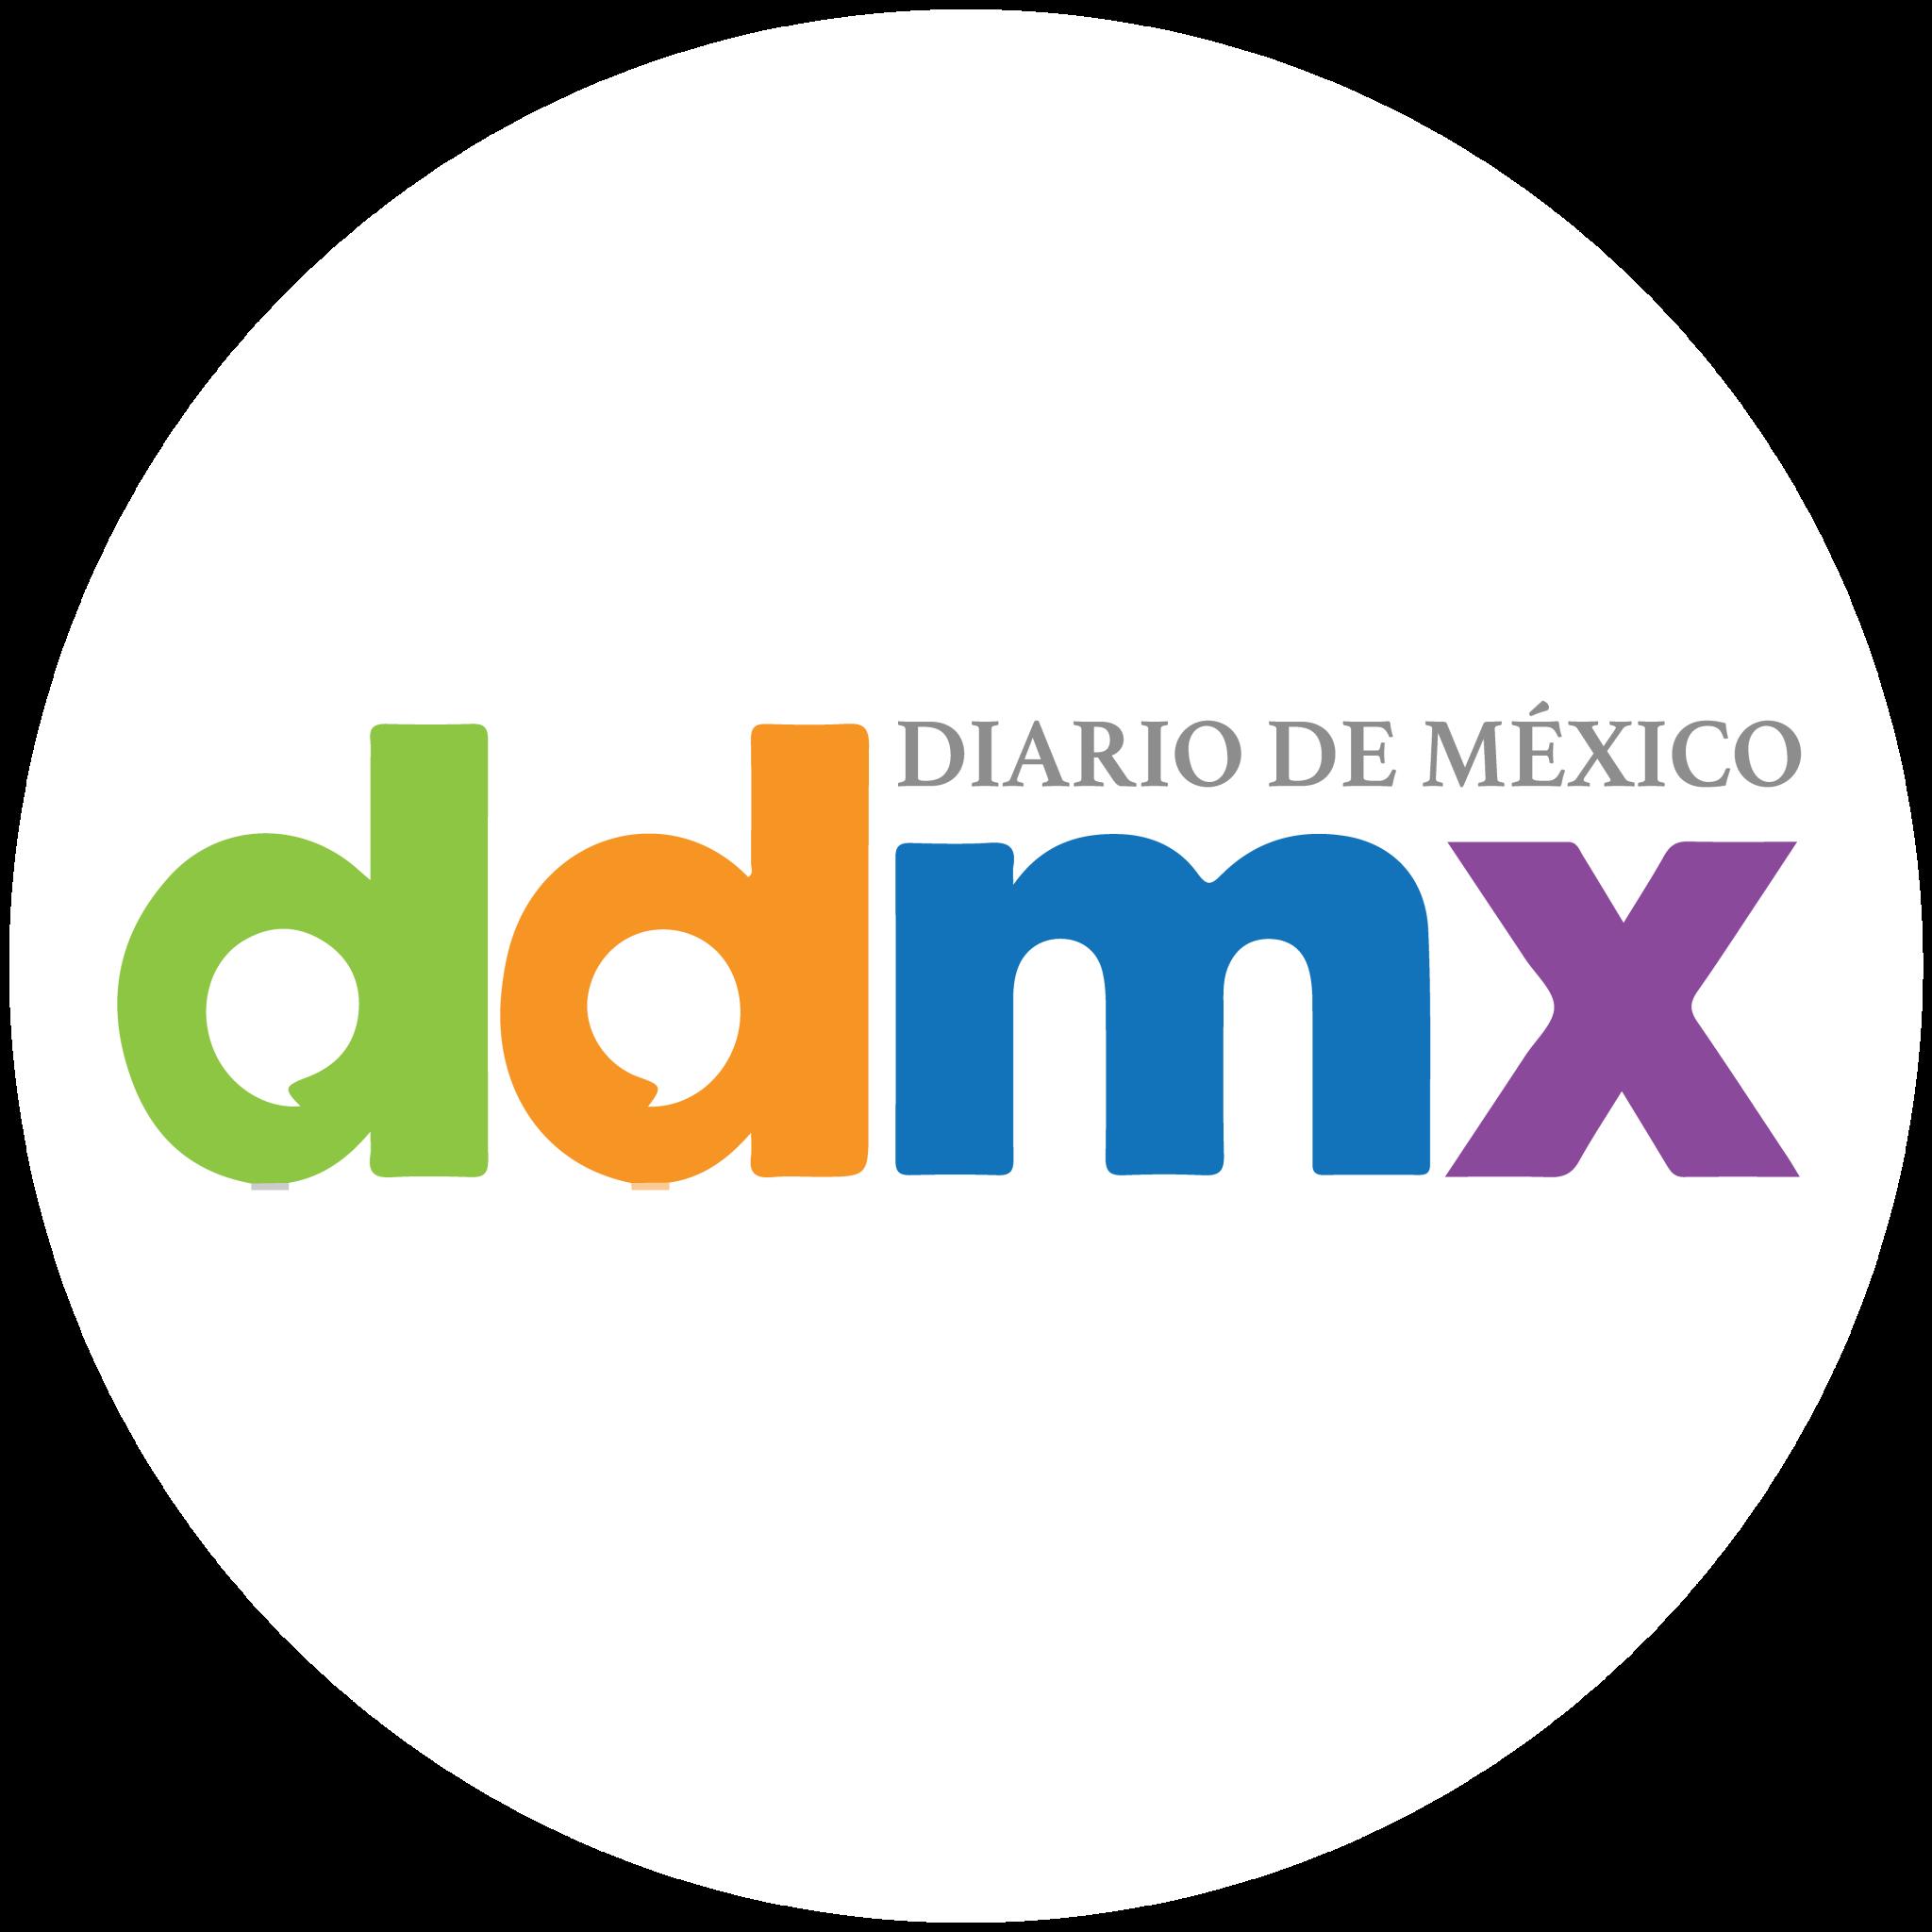 MH_Diario de México